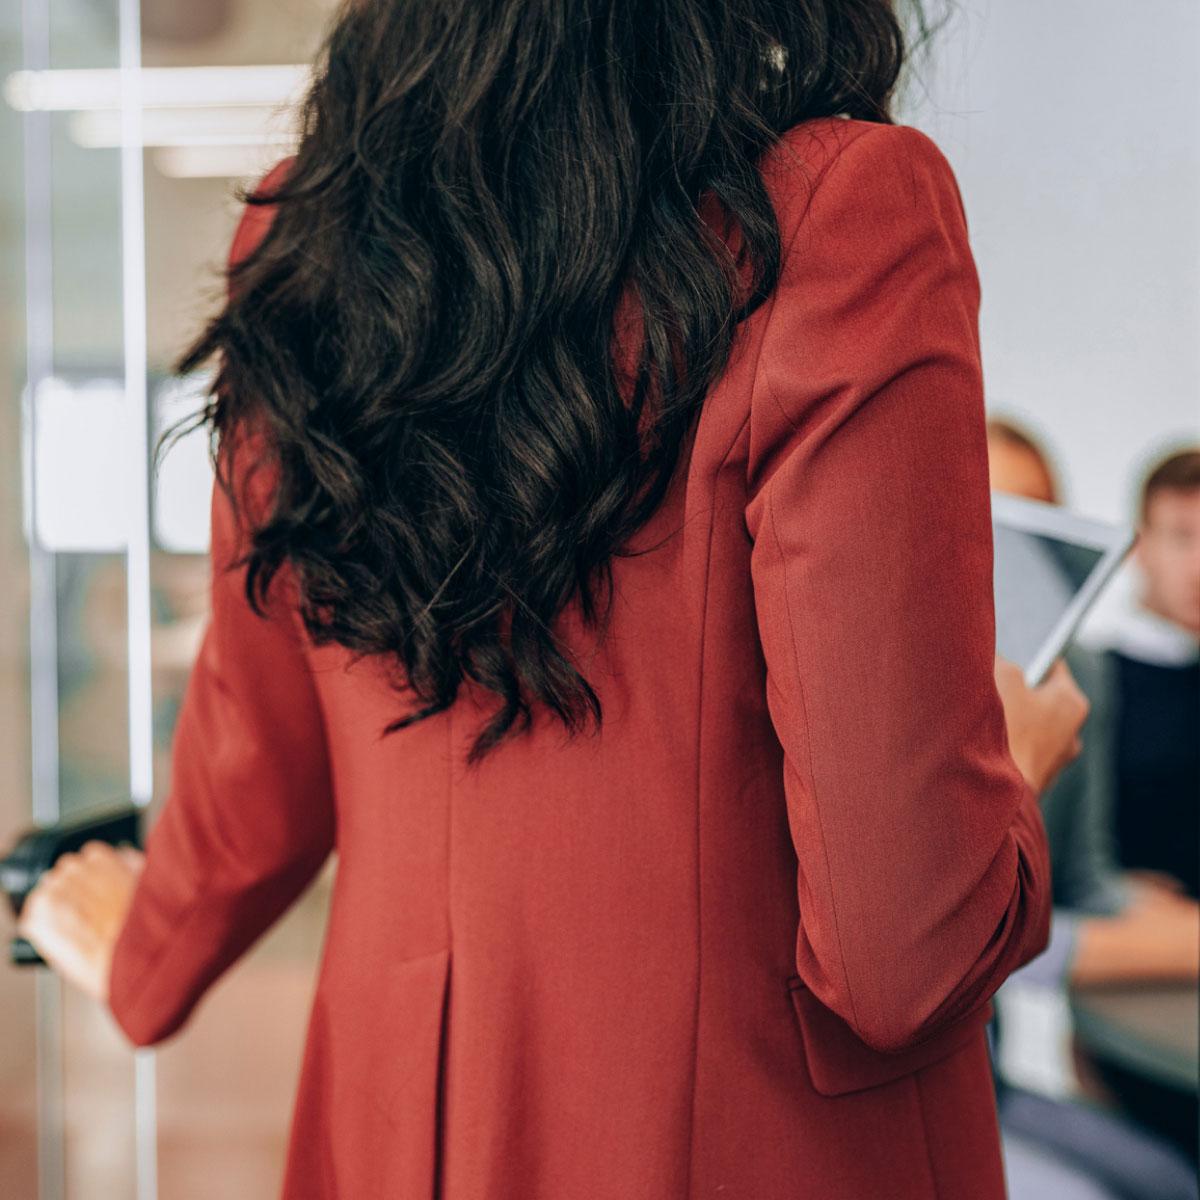 Lady in Red Blazer | Jac McNeil